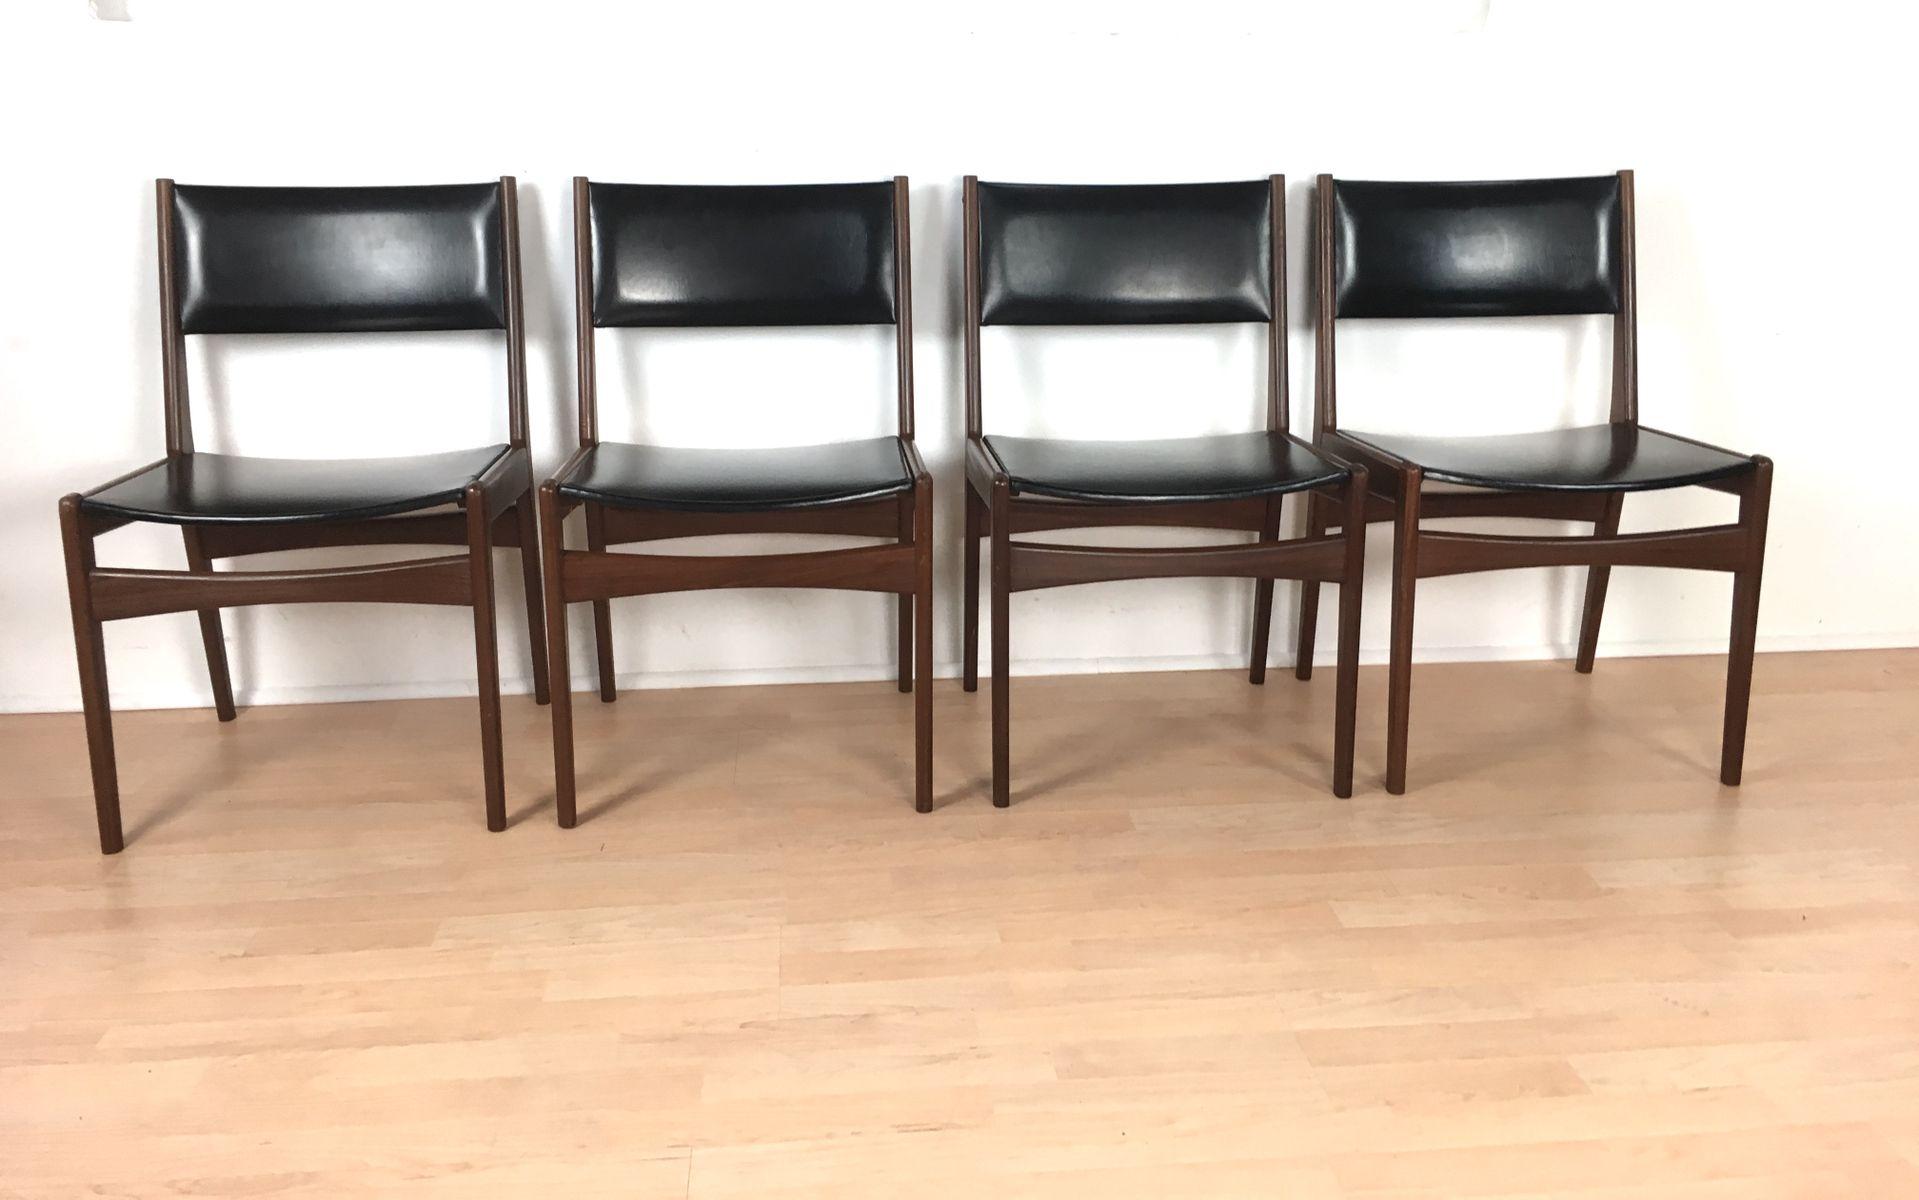 d nische teak st hle von frem r jle 1960er 4er set bei pamono kaufen. Black Bedroom Furniture Sets. Home Design Ideas